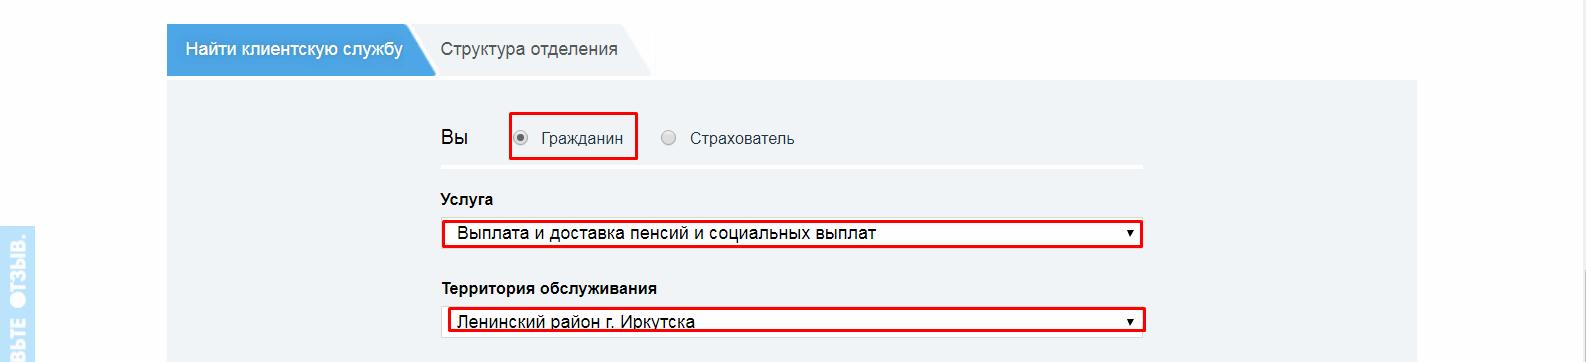 Пенсионный фонд Иркутской области официальный сайт